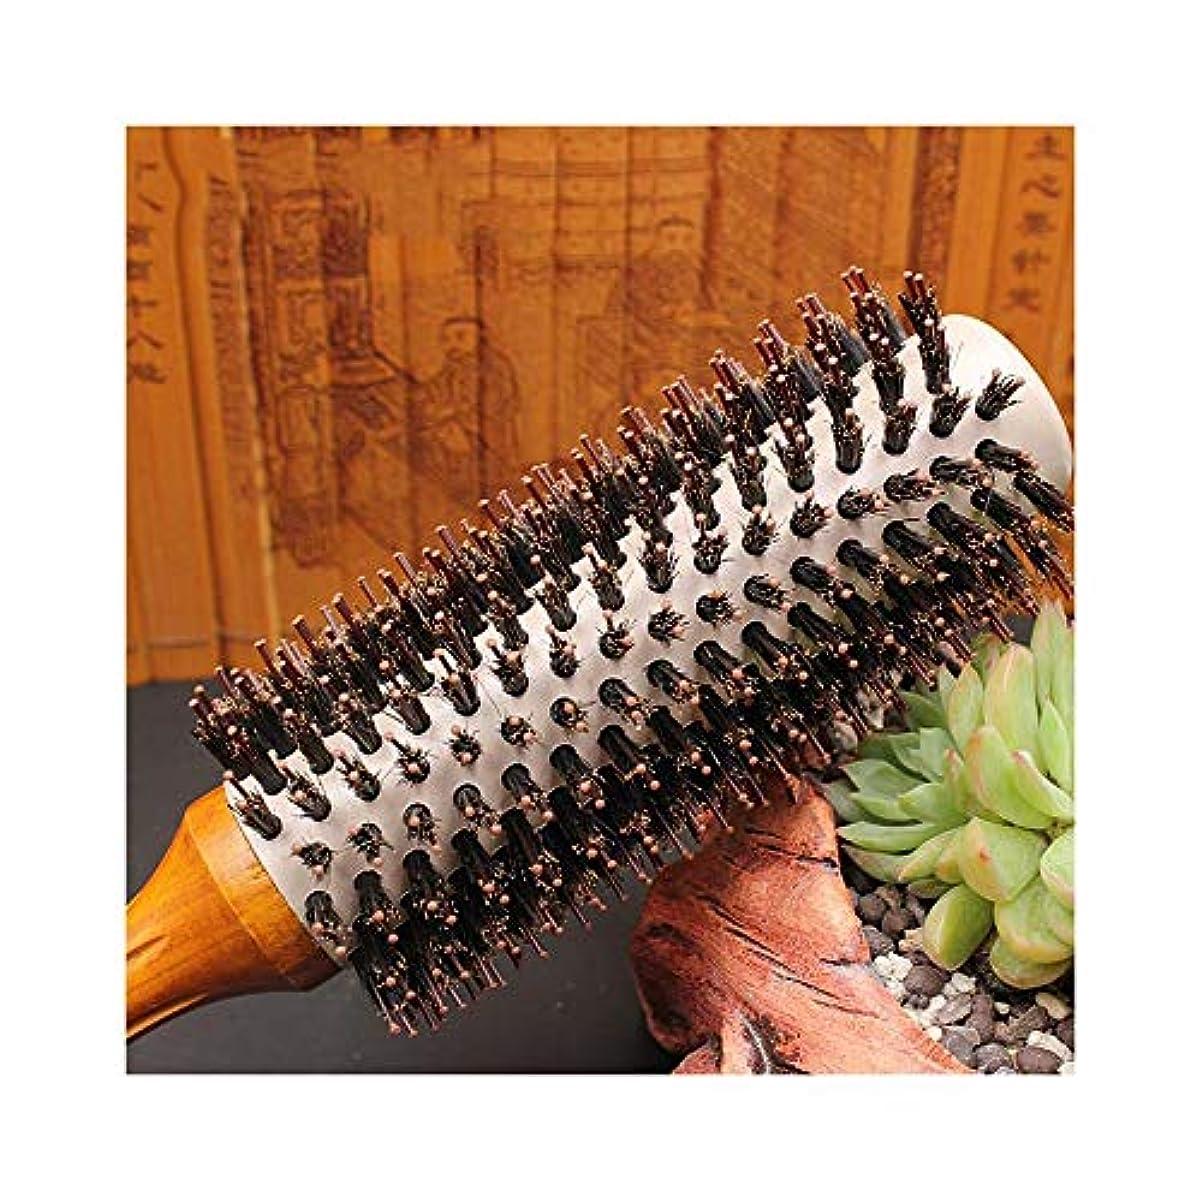 平らにするホームレーダーすべてのヘアスタイルのためにイノシシ毛&ナイロンピン - イノシシ毛ラウンド櫛ドライヘアブラシブロー ヘアケア (サイズ : XL)